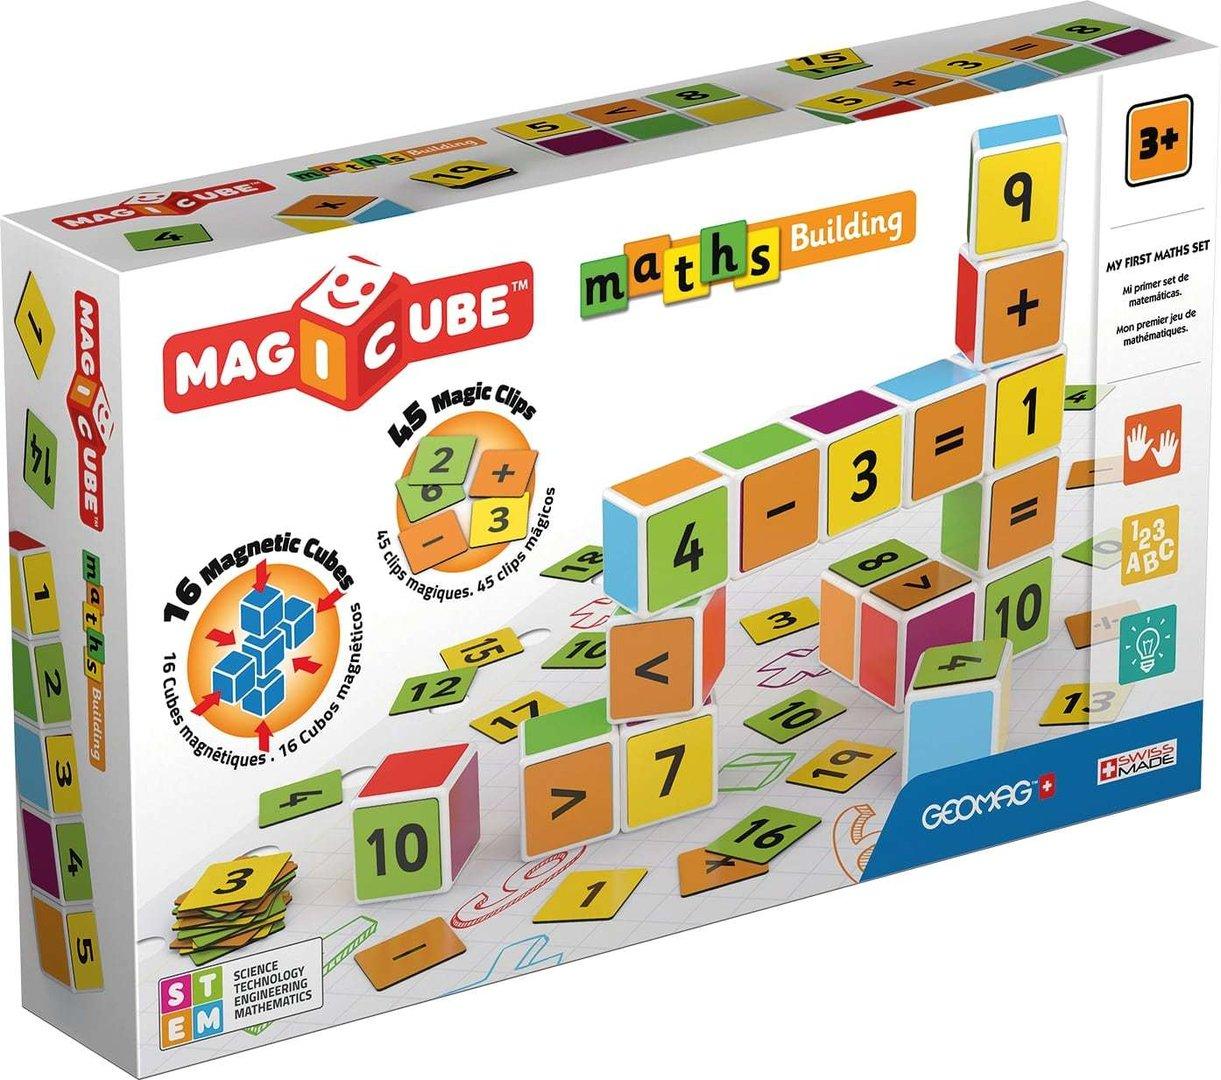 Afbeelding van het spelletje MagiCube Rekenen